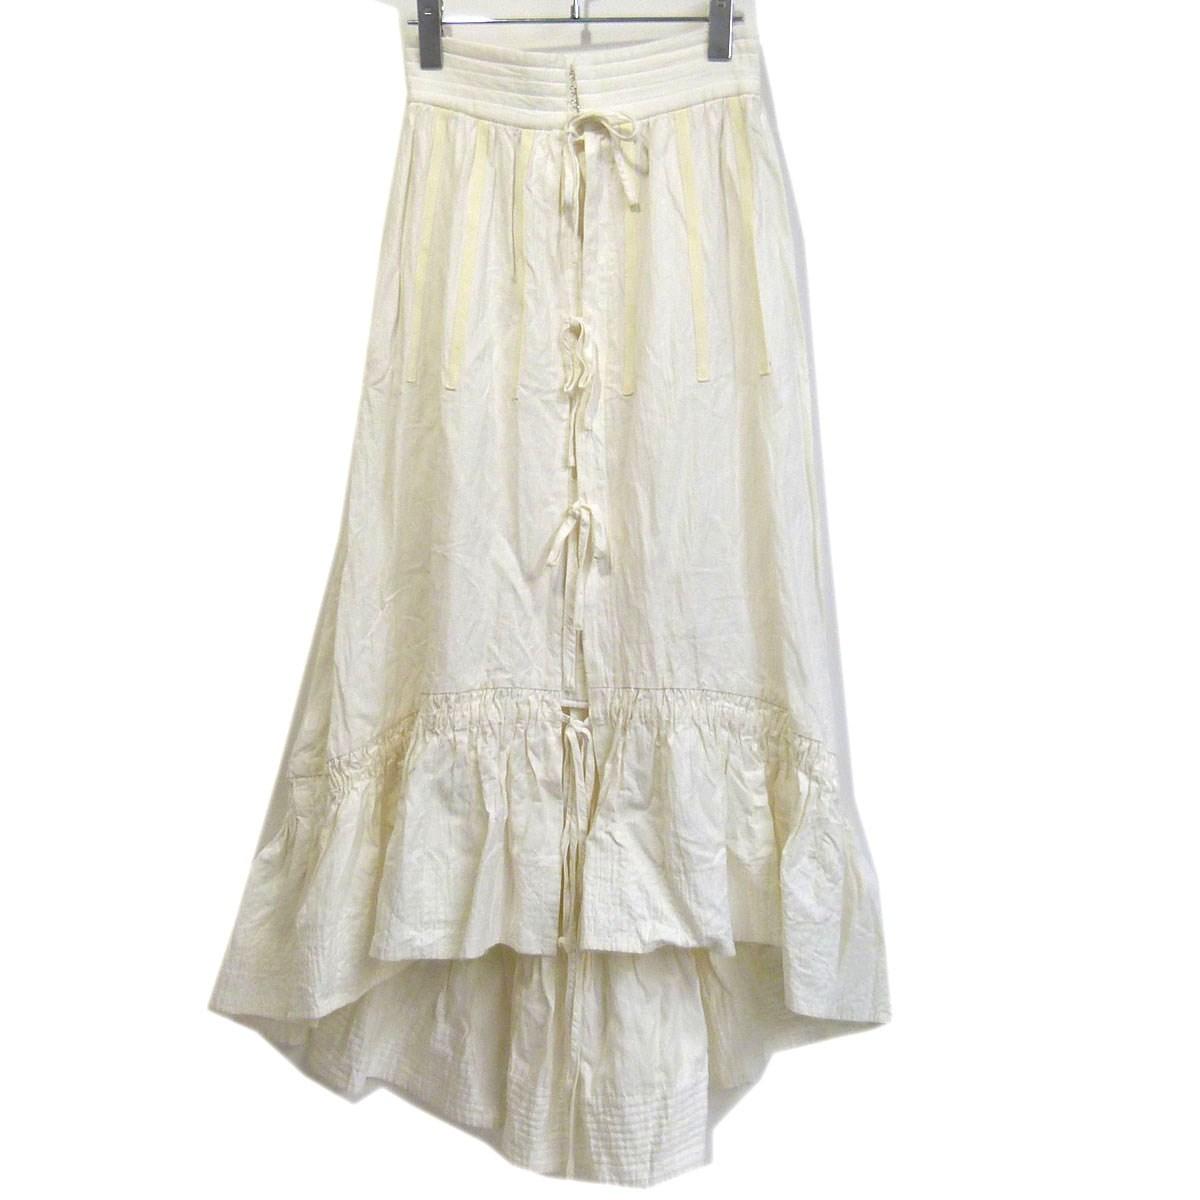 【中古】IRENE 17AW リンクルコットンペティコートスカート ホワイト サイズ:34 【130320】(アイレネ)